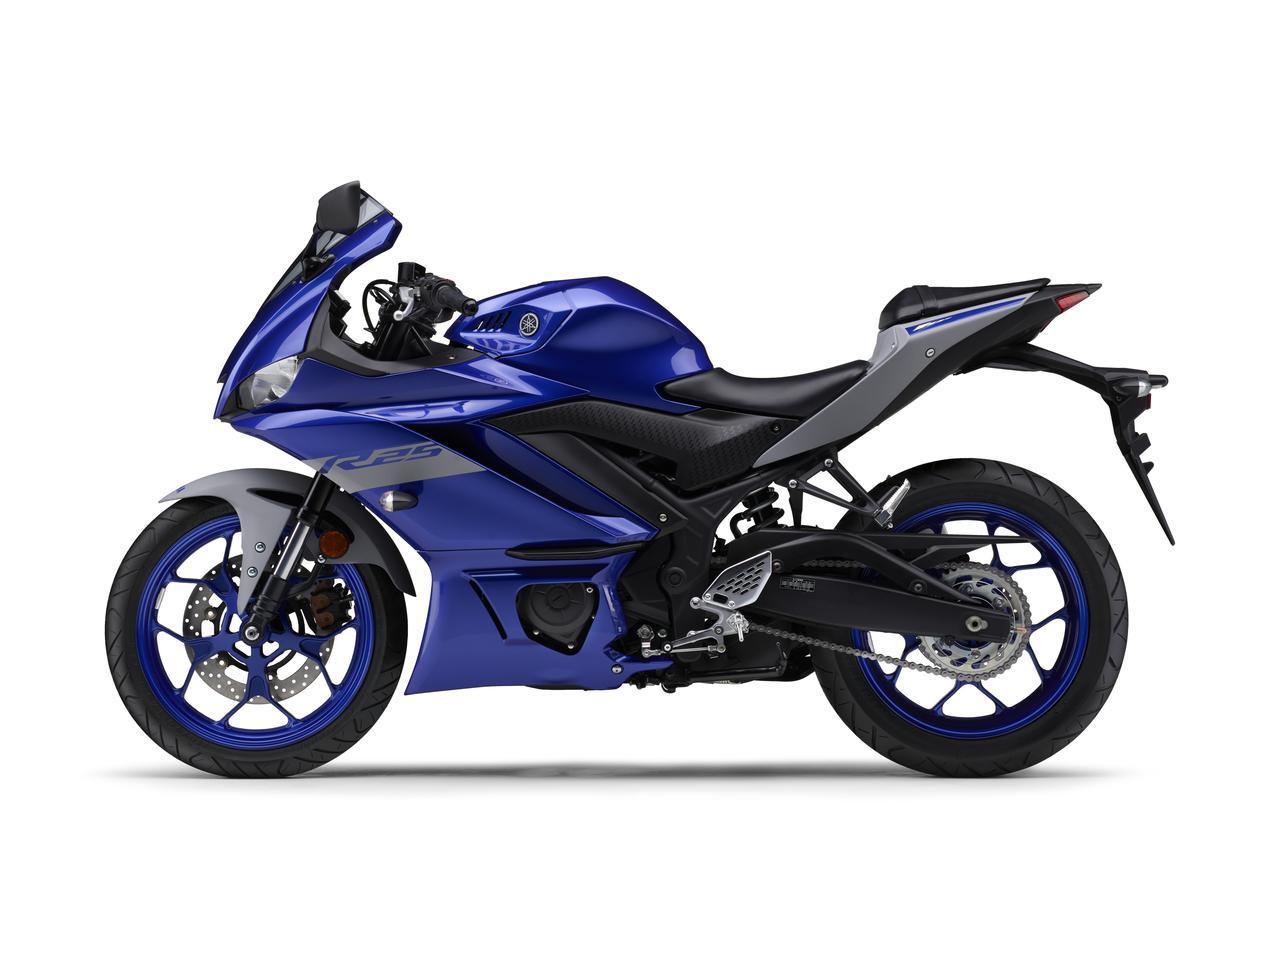 画像28: ヤマハ「YZF-R25/ABS」「YZF-R3 ABS」の2020年モデルが2月14日(金)発売! 3色展開で、すべてニューカラー!